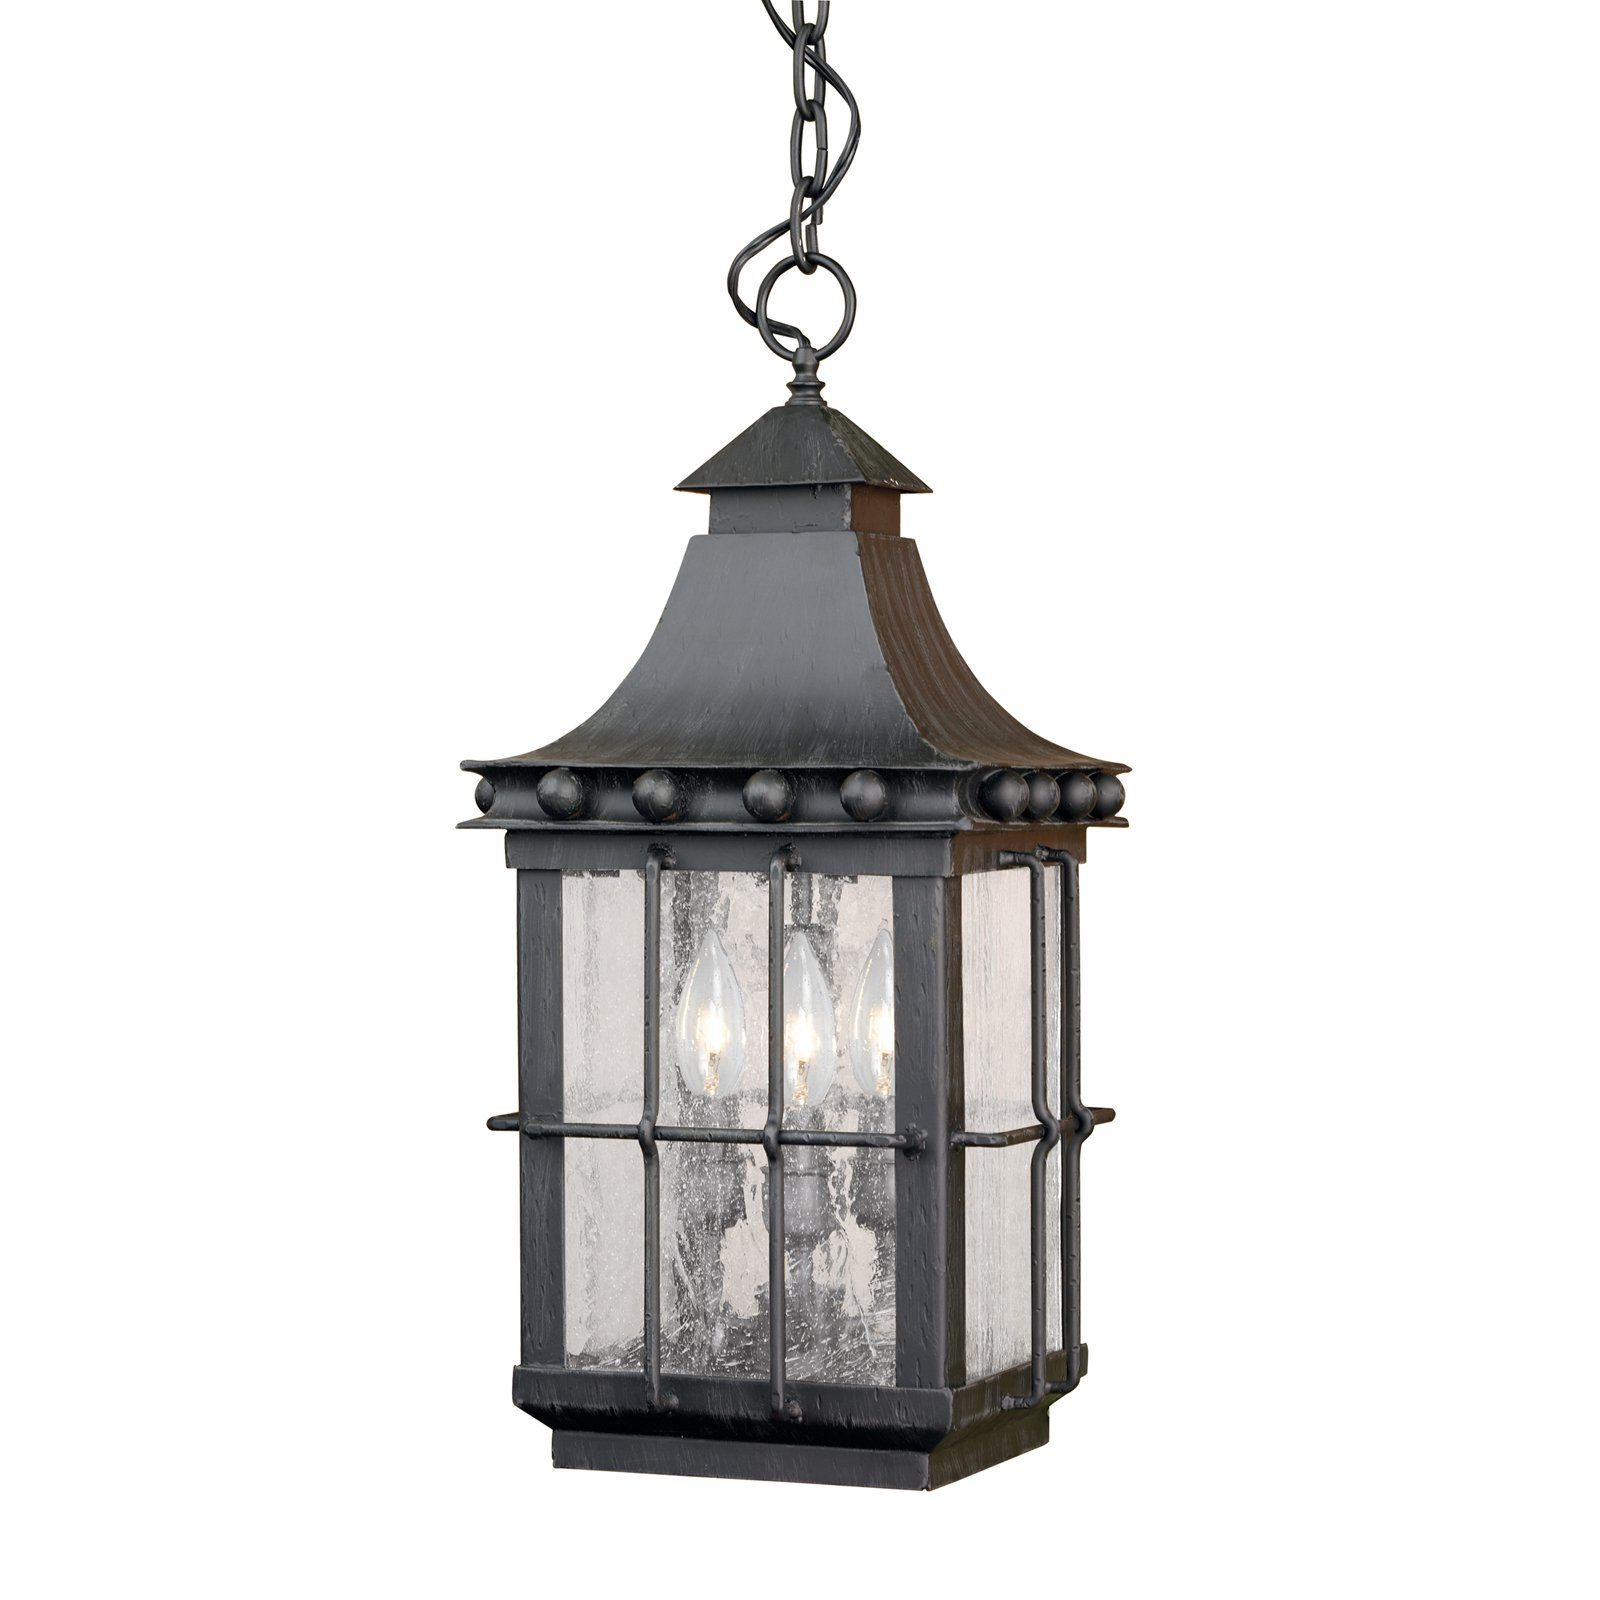 ELK Lighting Taos 8454-E Outdoor Hanging Lantern by Elk Lighting